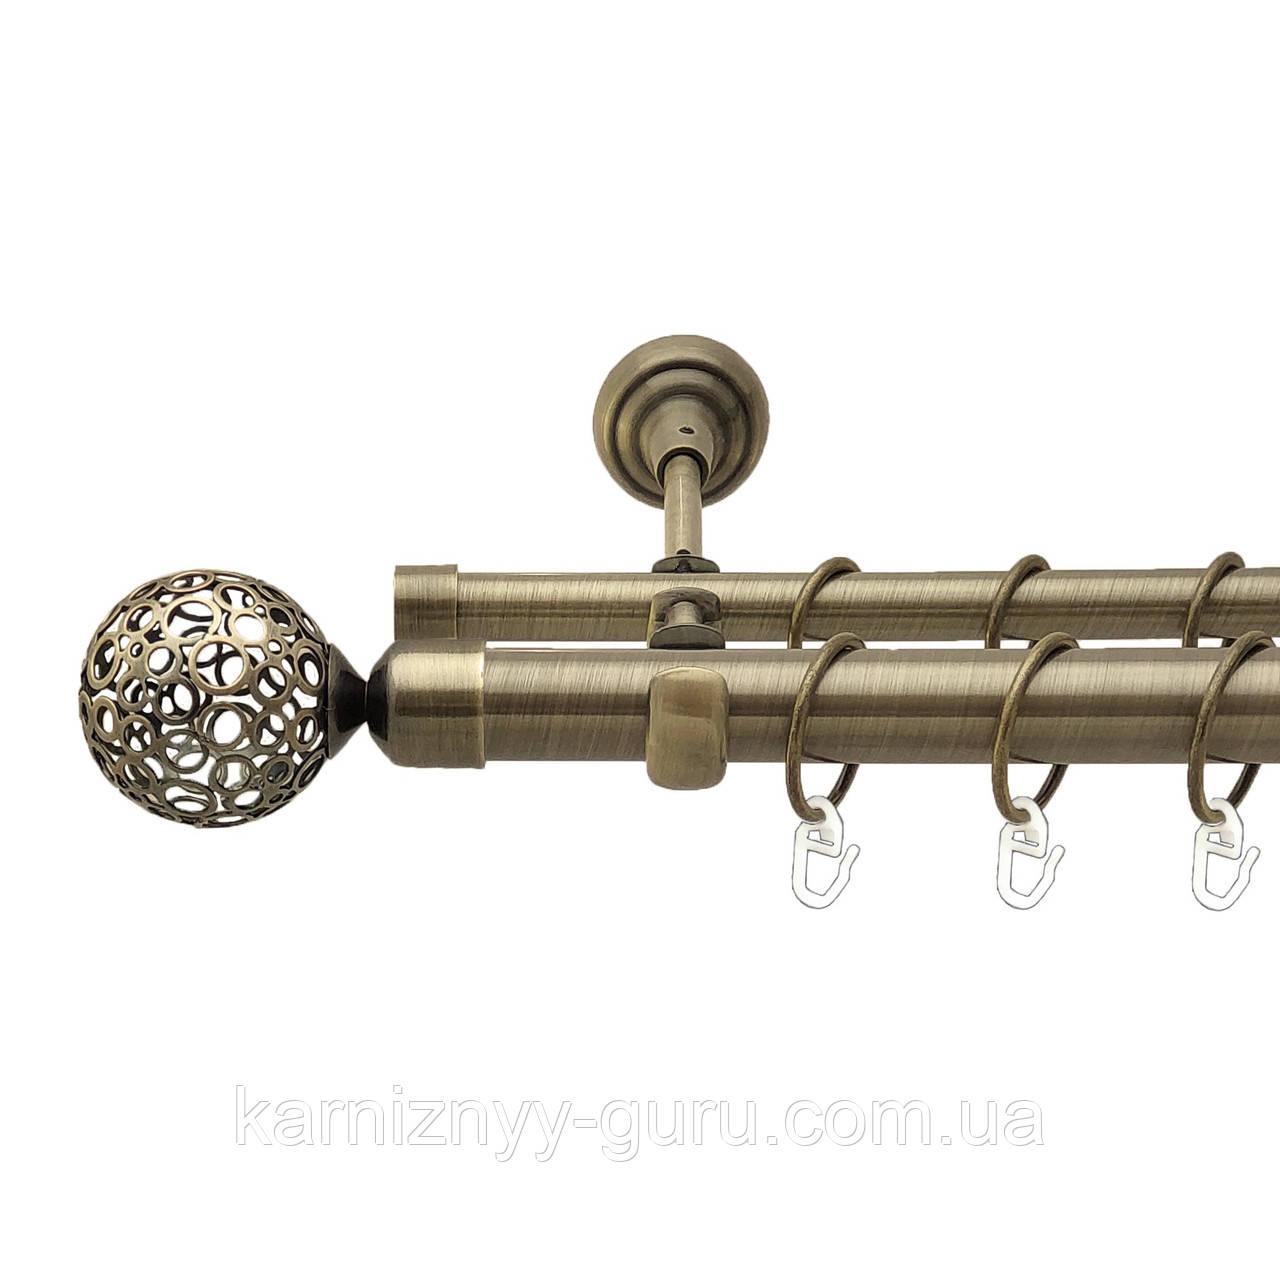 Карниз для штор двойной ø 25+19 мм, наконечник Савона